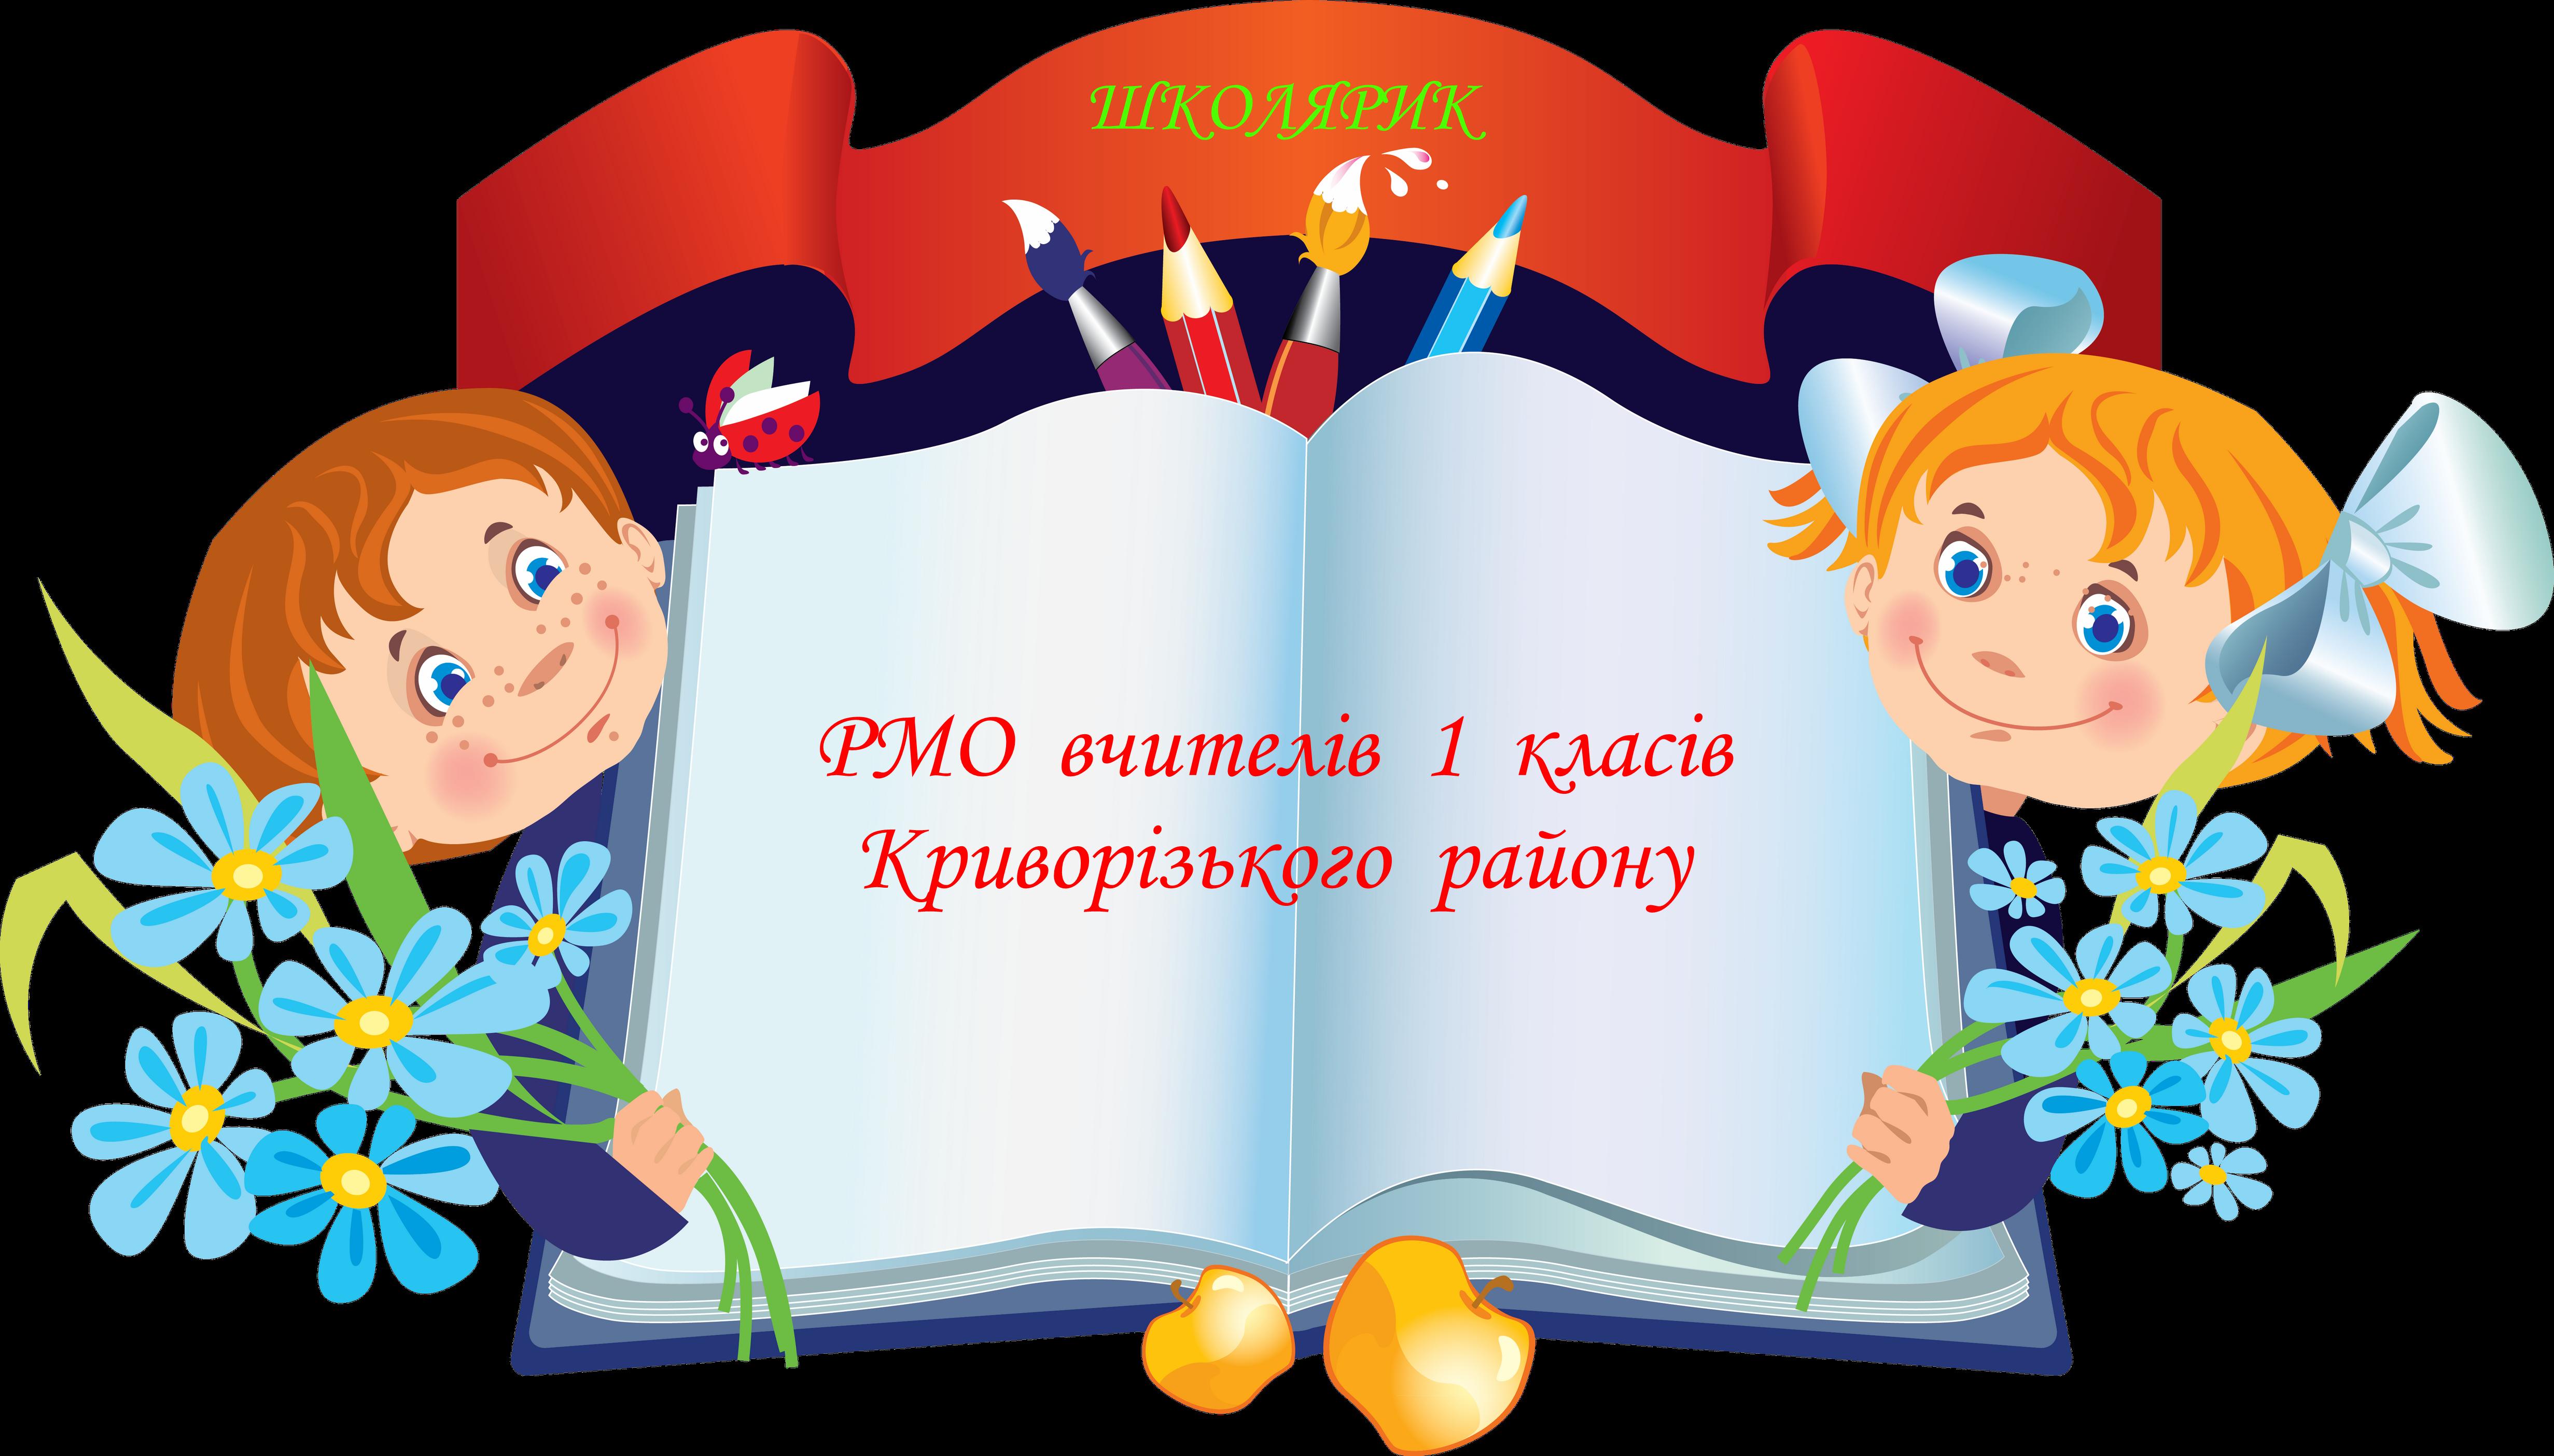 Сайт вчителів РМО 1 класів Криворізького району